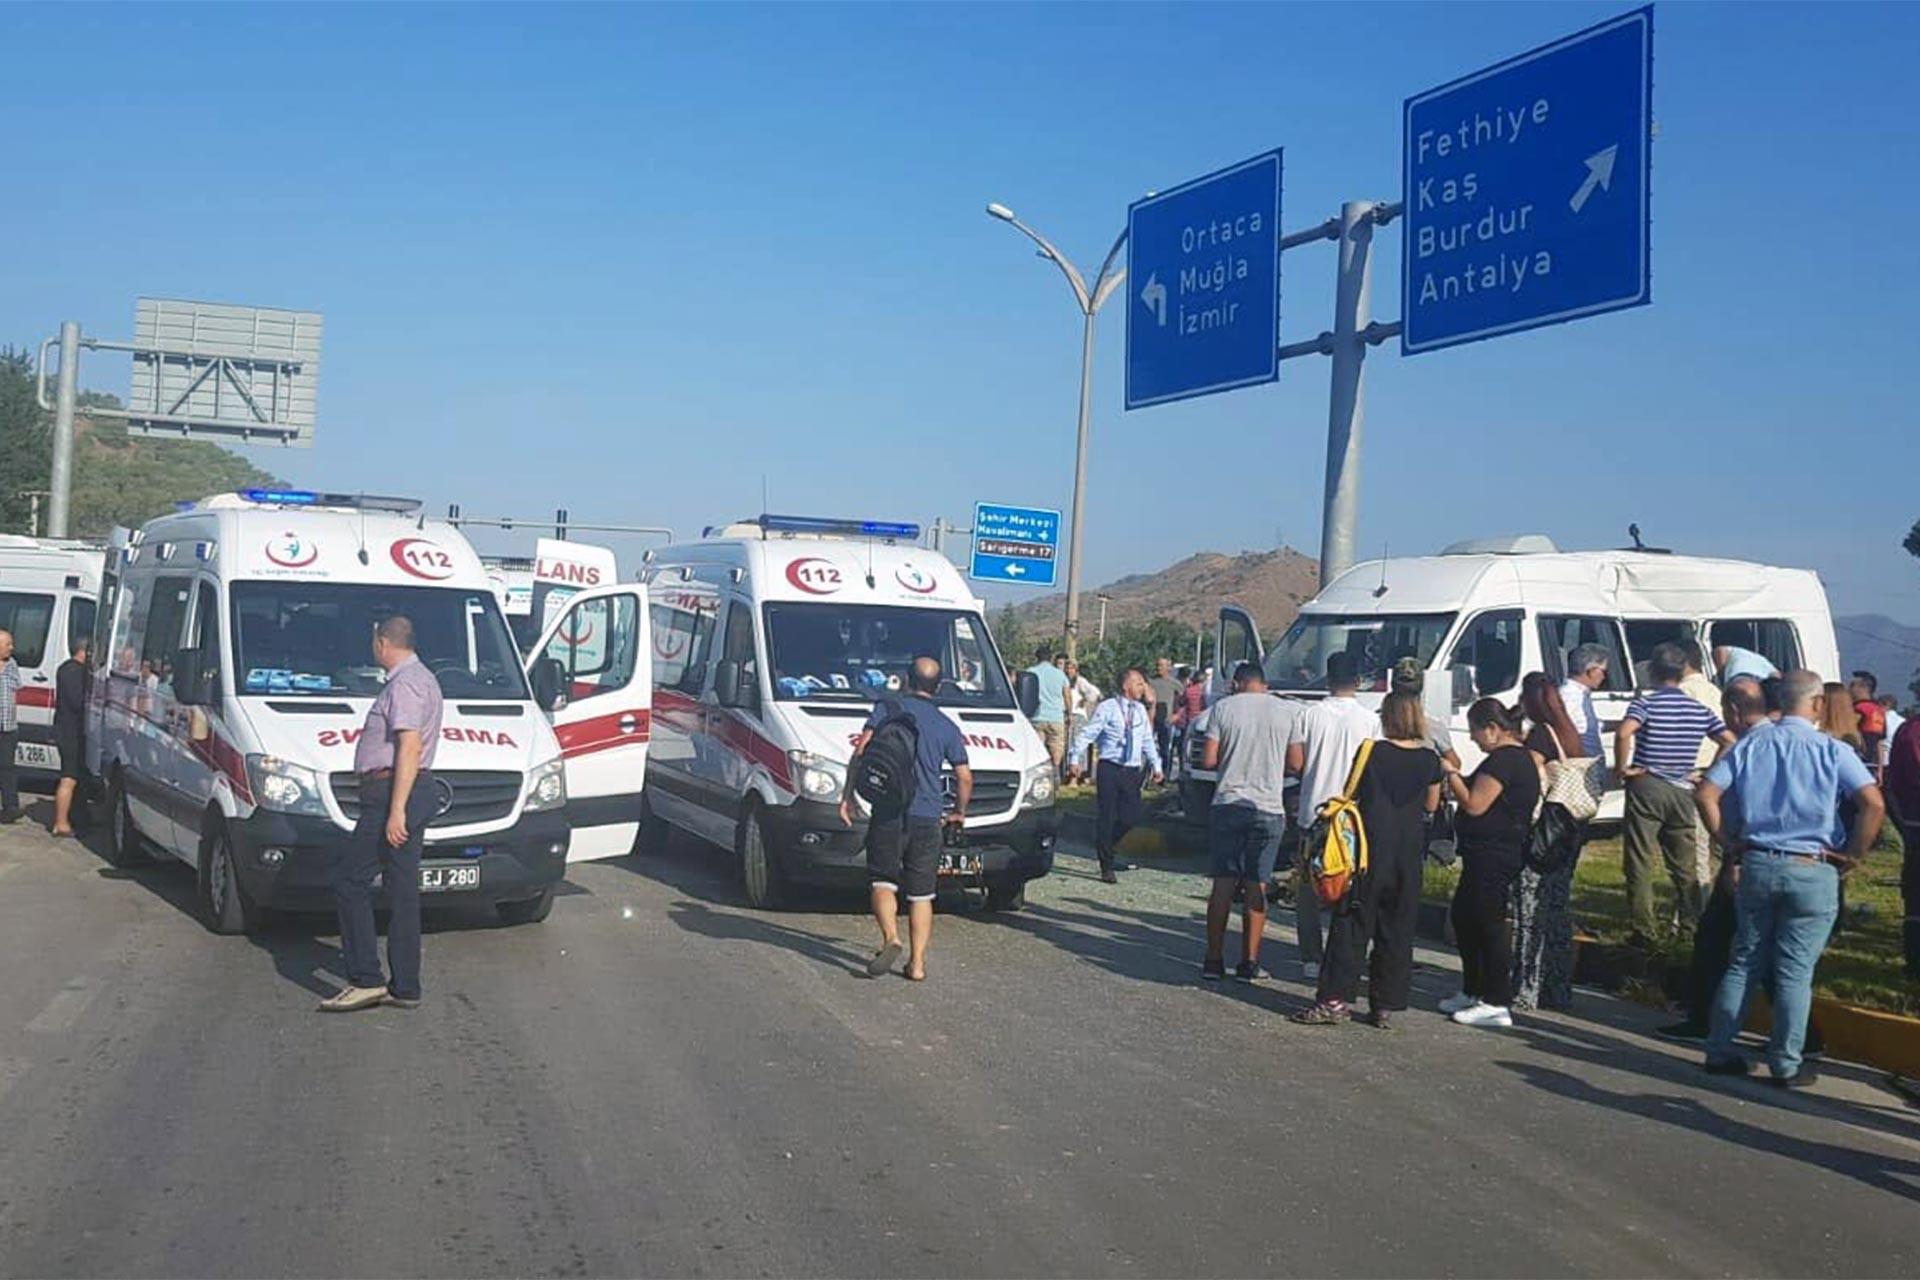 Öğrenci servisi ile kamyon çarpıştı: 1 öğrenci hayatını kaybetti 14 kişi yaralandı